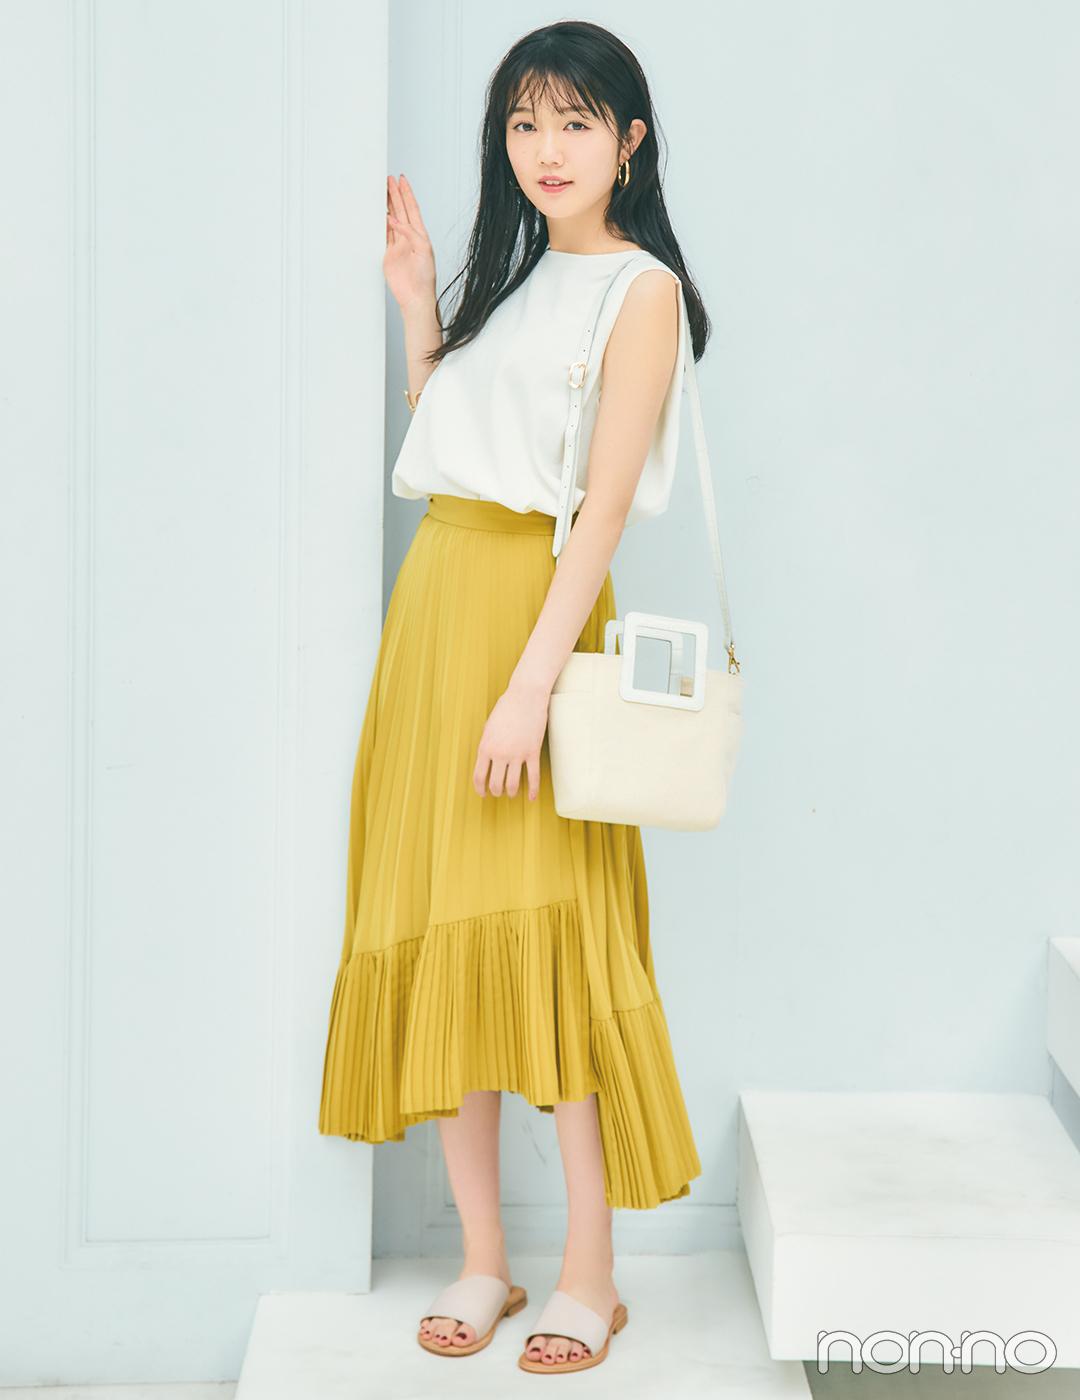 シンプルなのにしゃれ見え! アシメデザインのスカートでひとひねり【毎日コーデ】